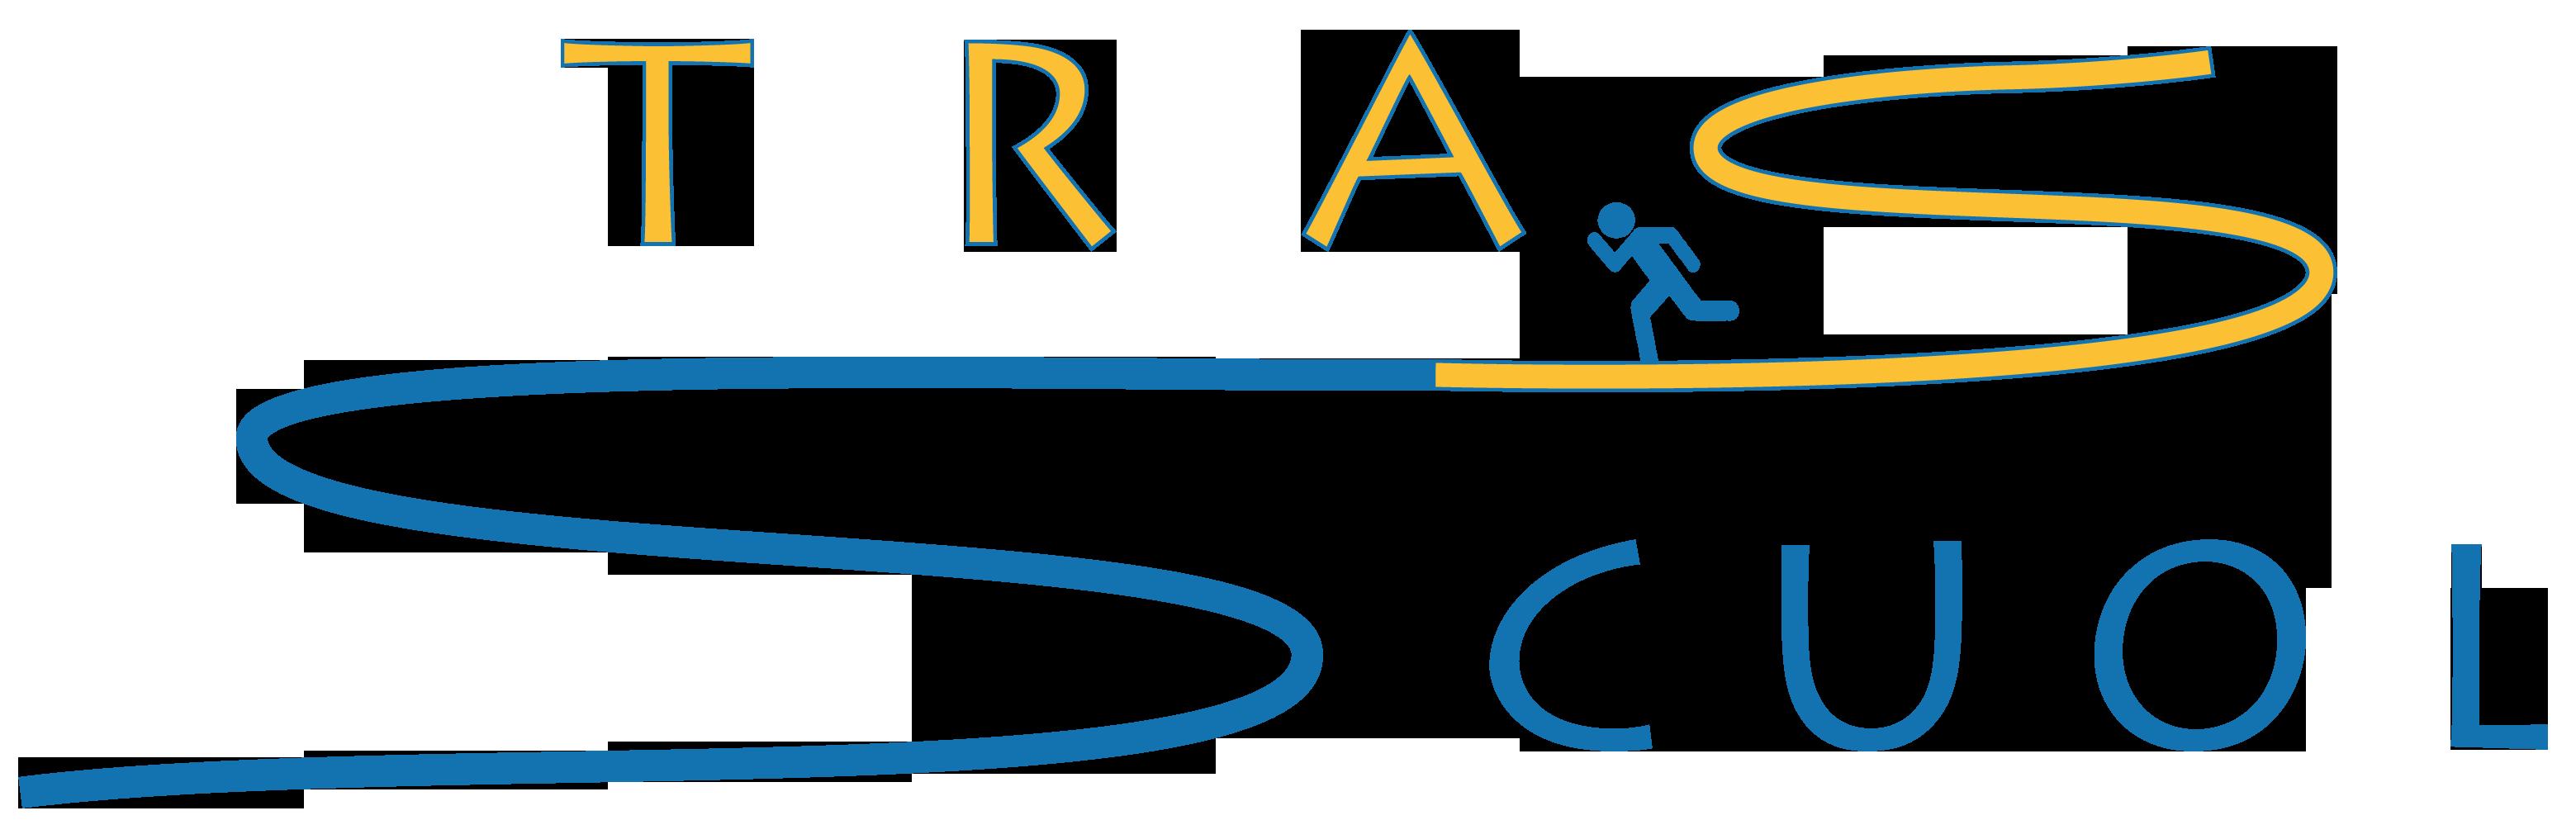 Logo_Tras_Scuol_2021_ohne Datum